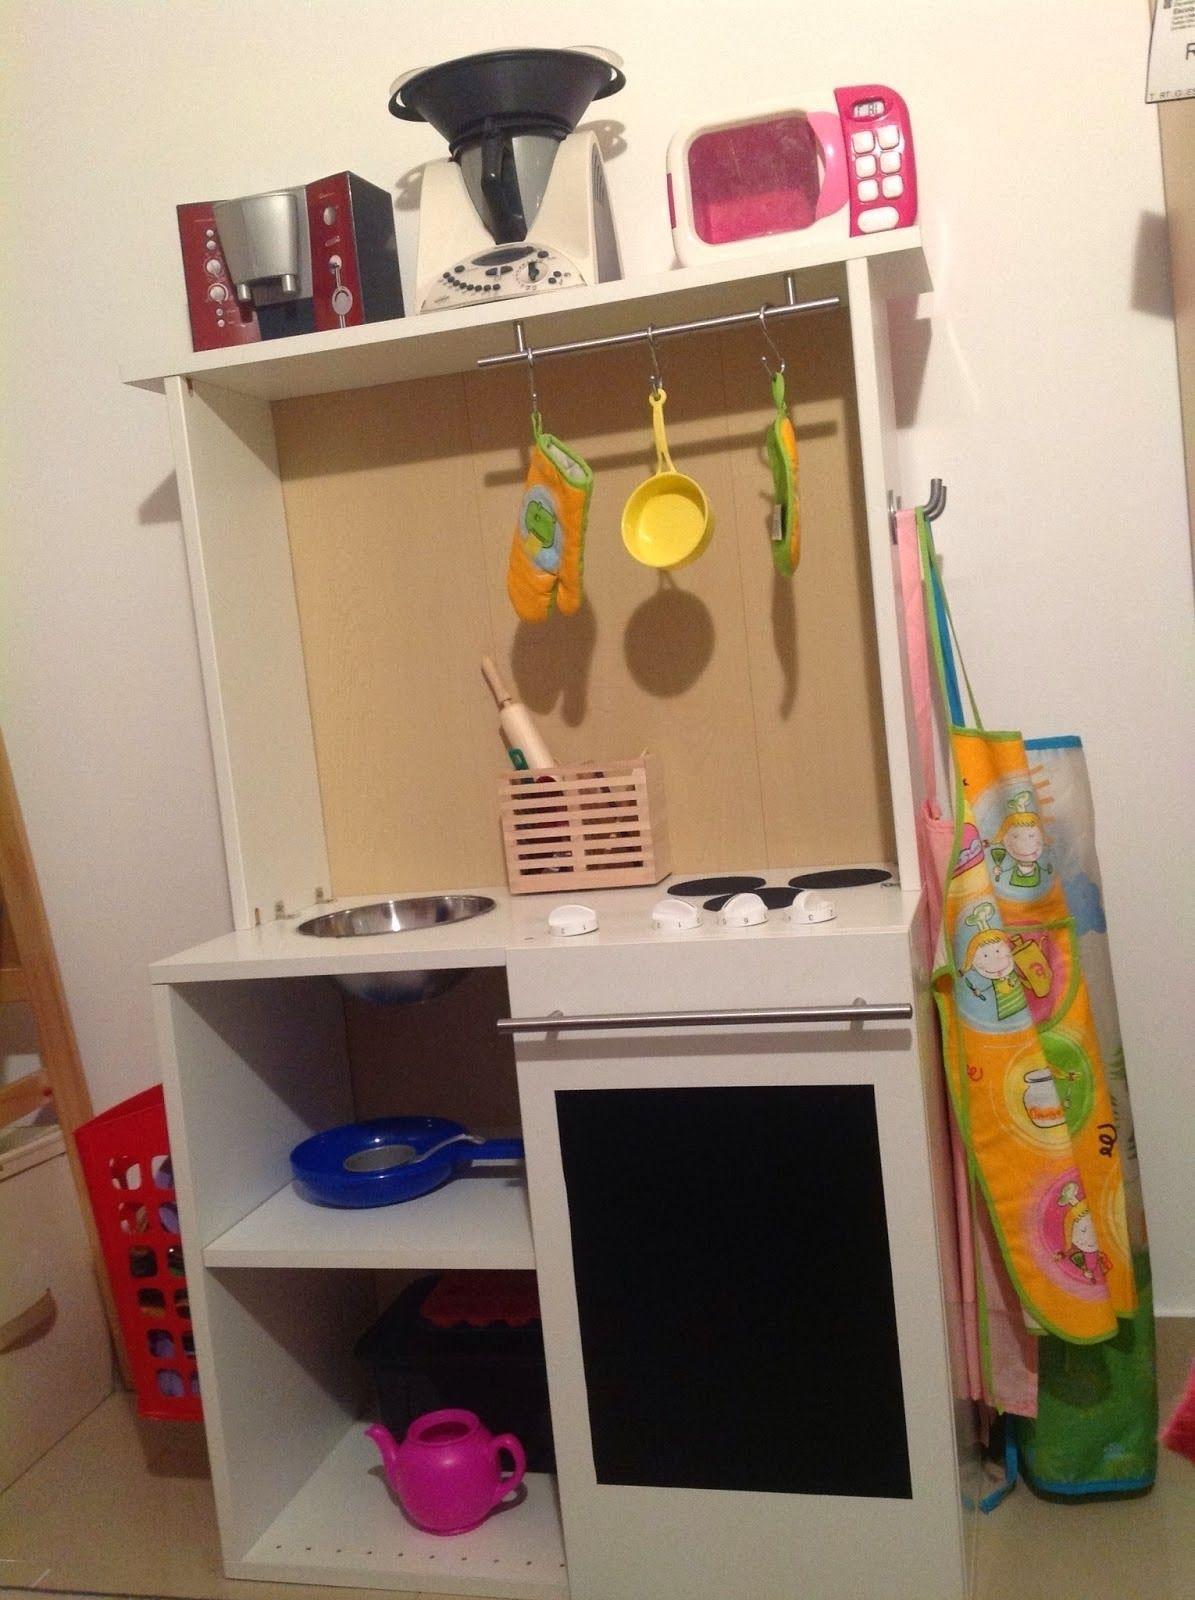 Utensilios de cocina de cart n buscar con google for Utensilios de cocina ikea